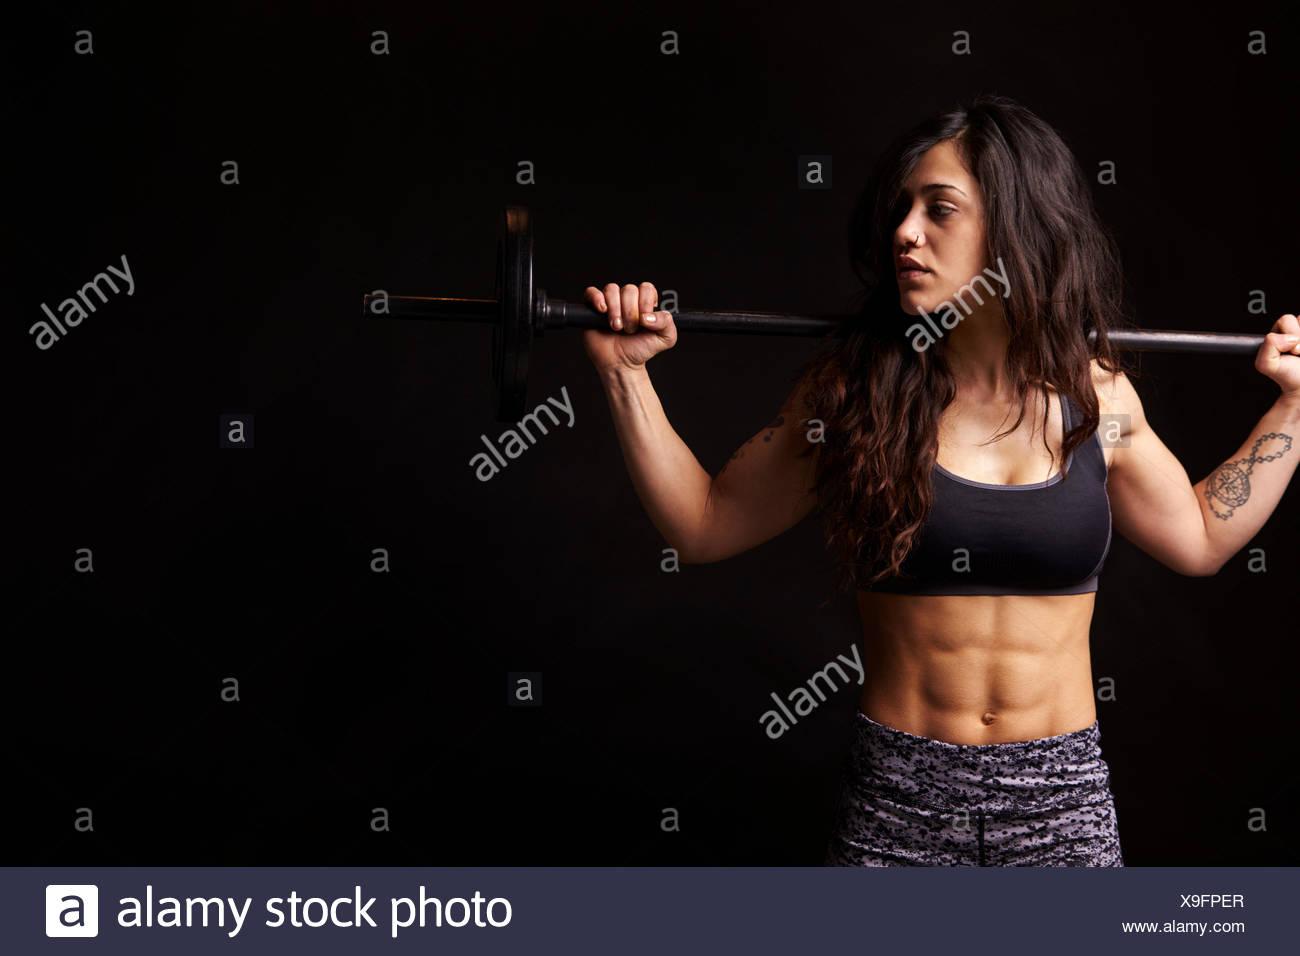 Muscoloso dai capelli scuri donna holding barbell sulle sue spalle Immagini Stock